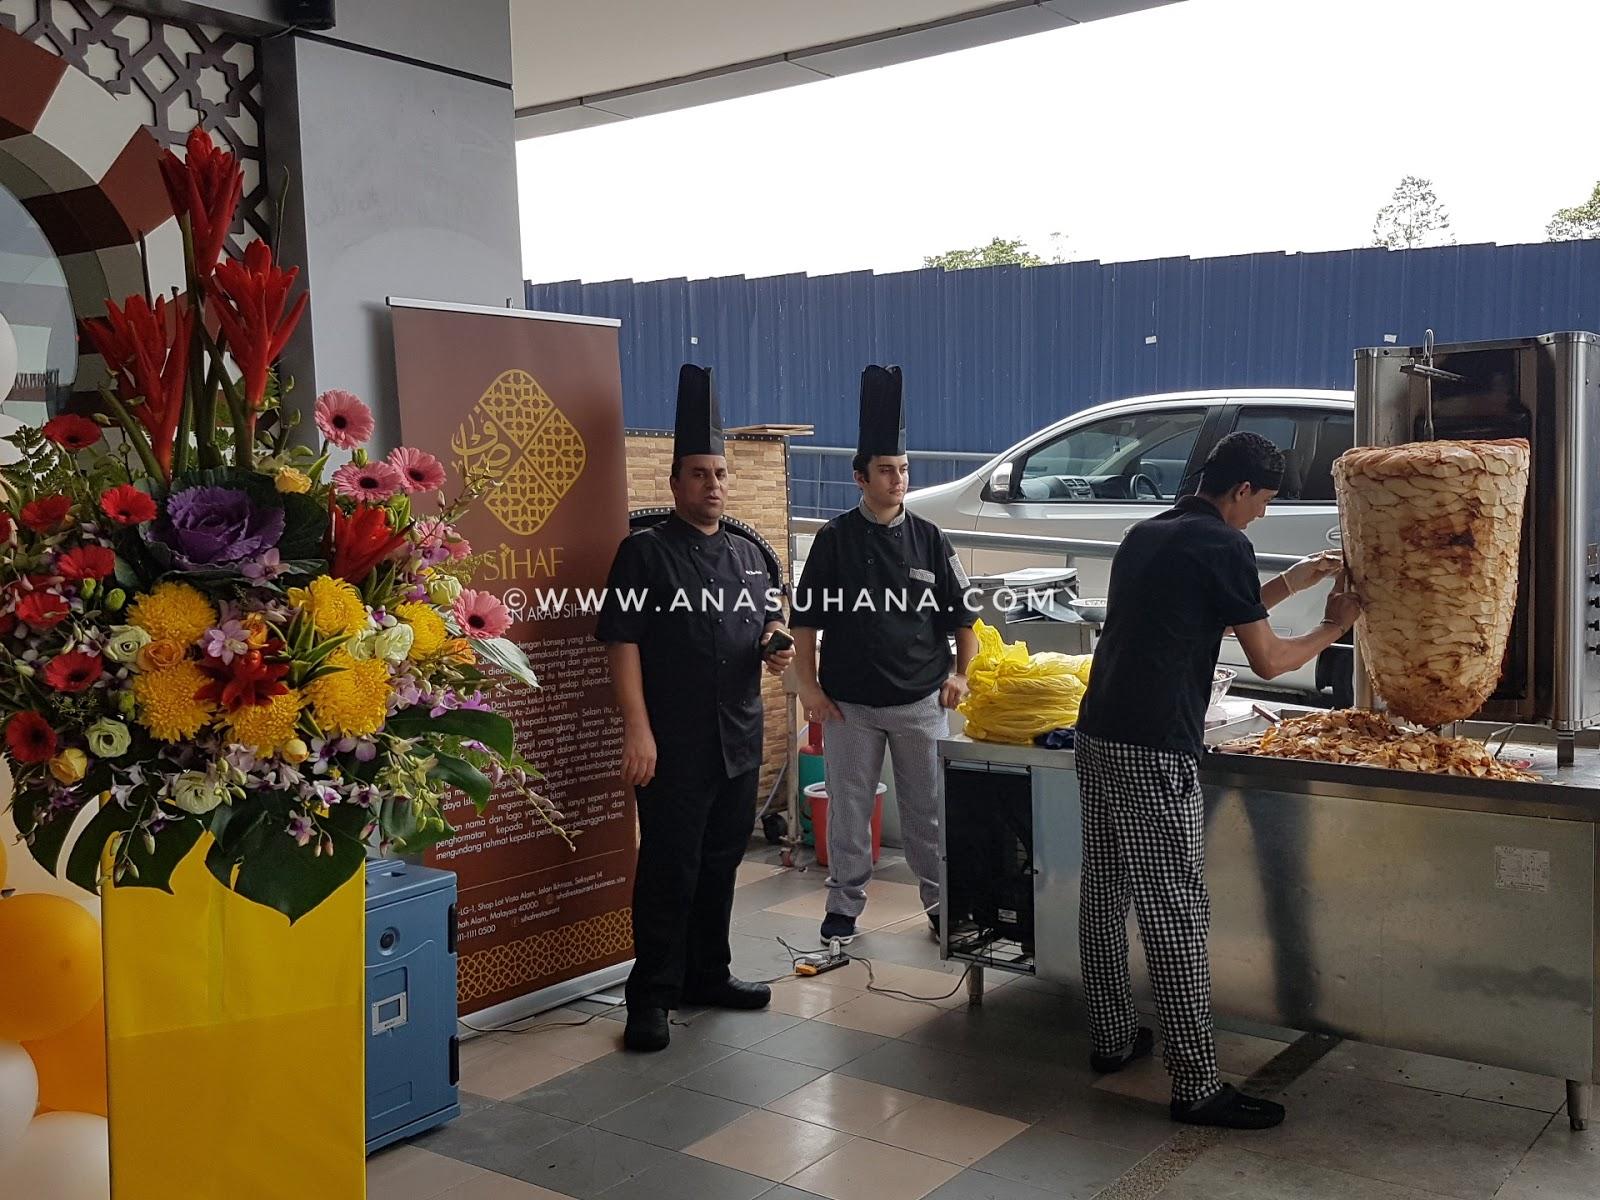 Sihaf Arabic Restaurant Shah Alam